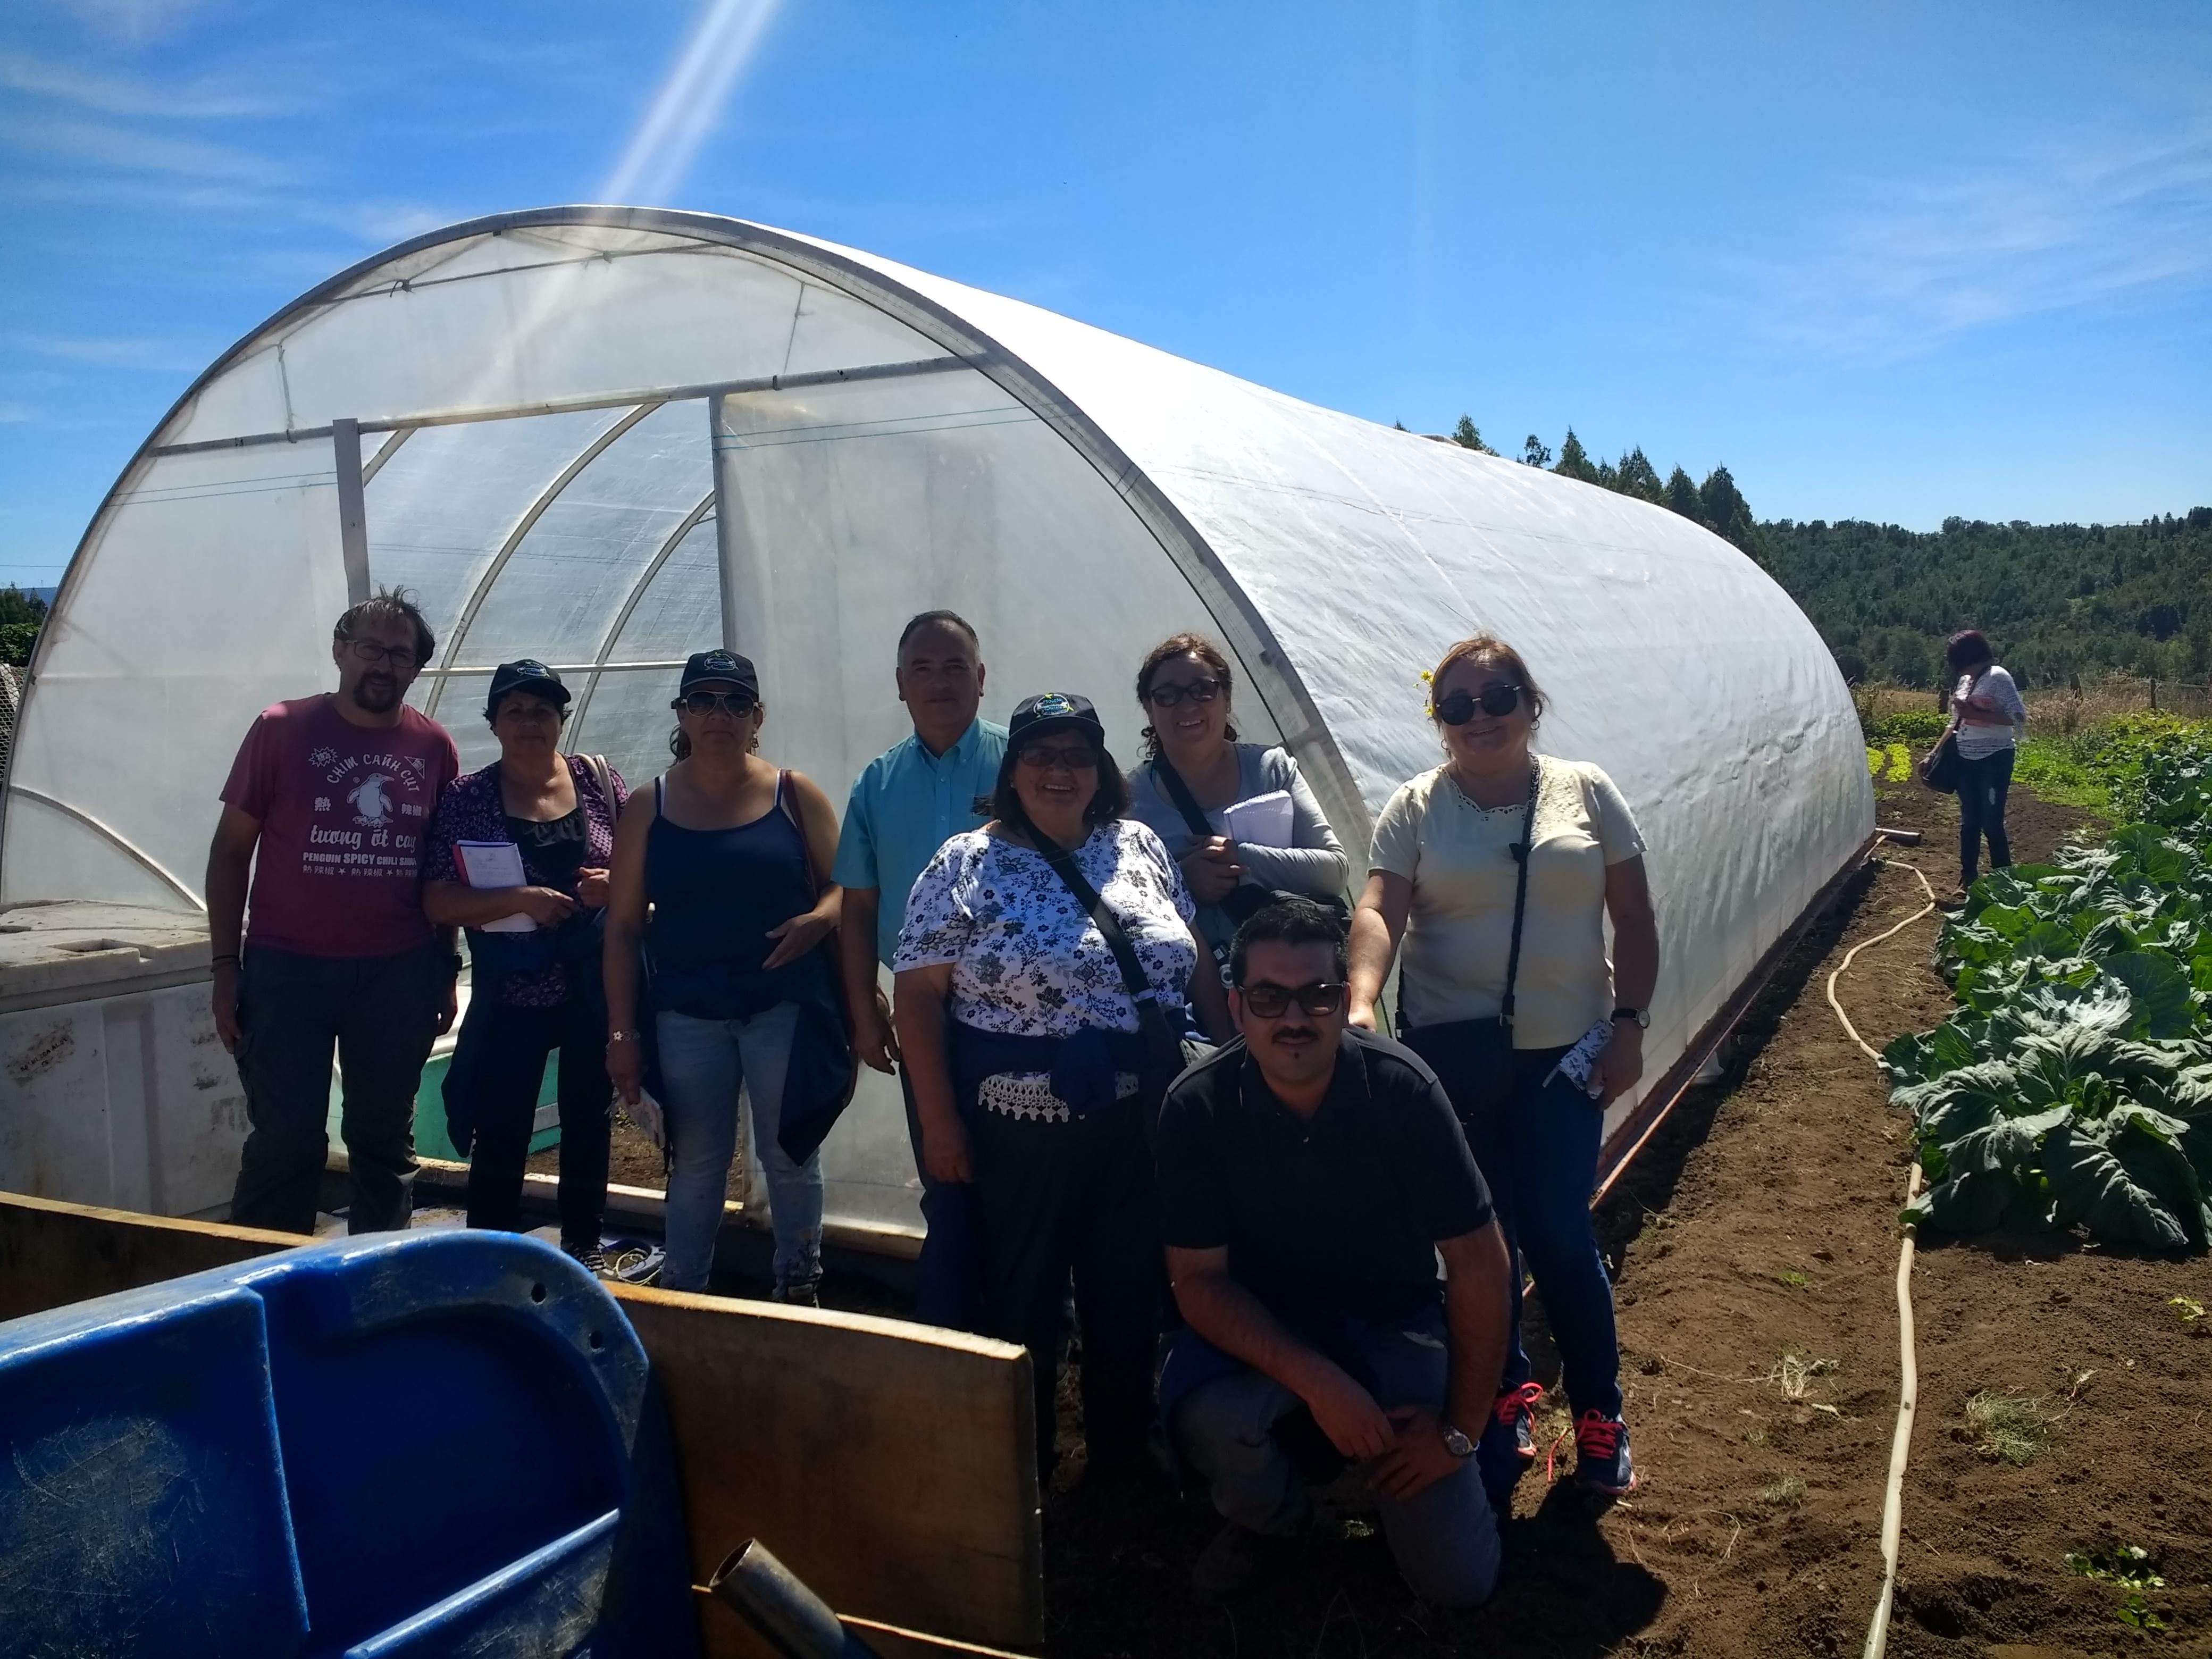 Campesinos de Cabildo viajaron a Chiloé para recoger nuevas experiencias agrícolas